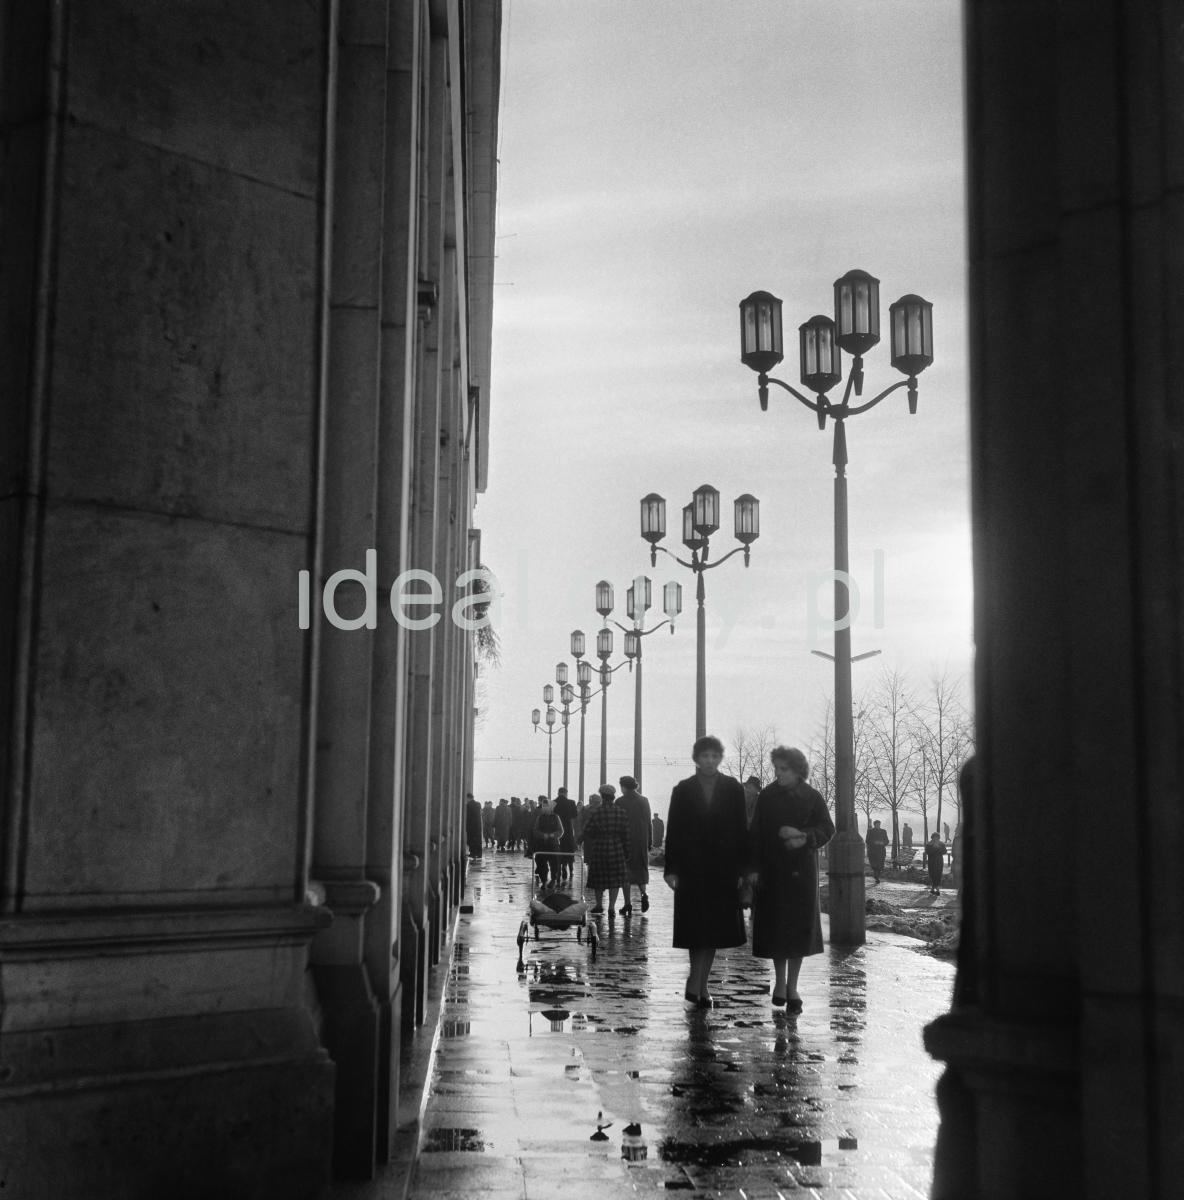 Ruch pieszy na reprezentacyjnym deptaku pomiędzy socrealistycznym budynkiem a monumentalnymi latarfniami ulicznymi.